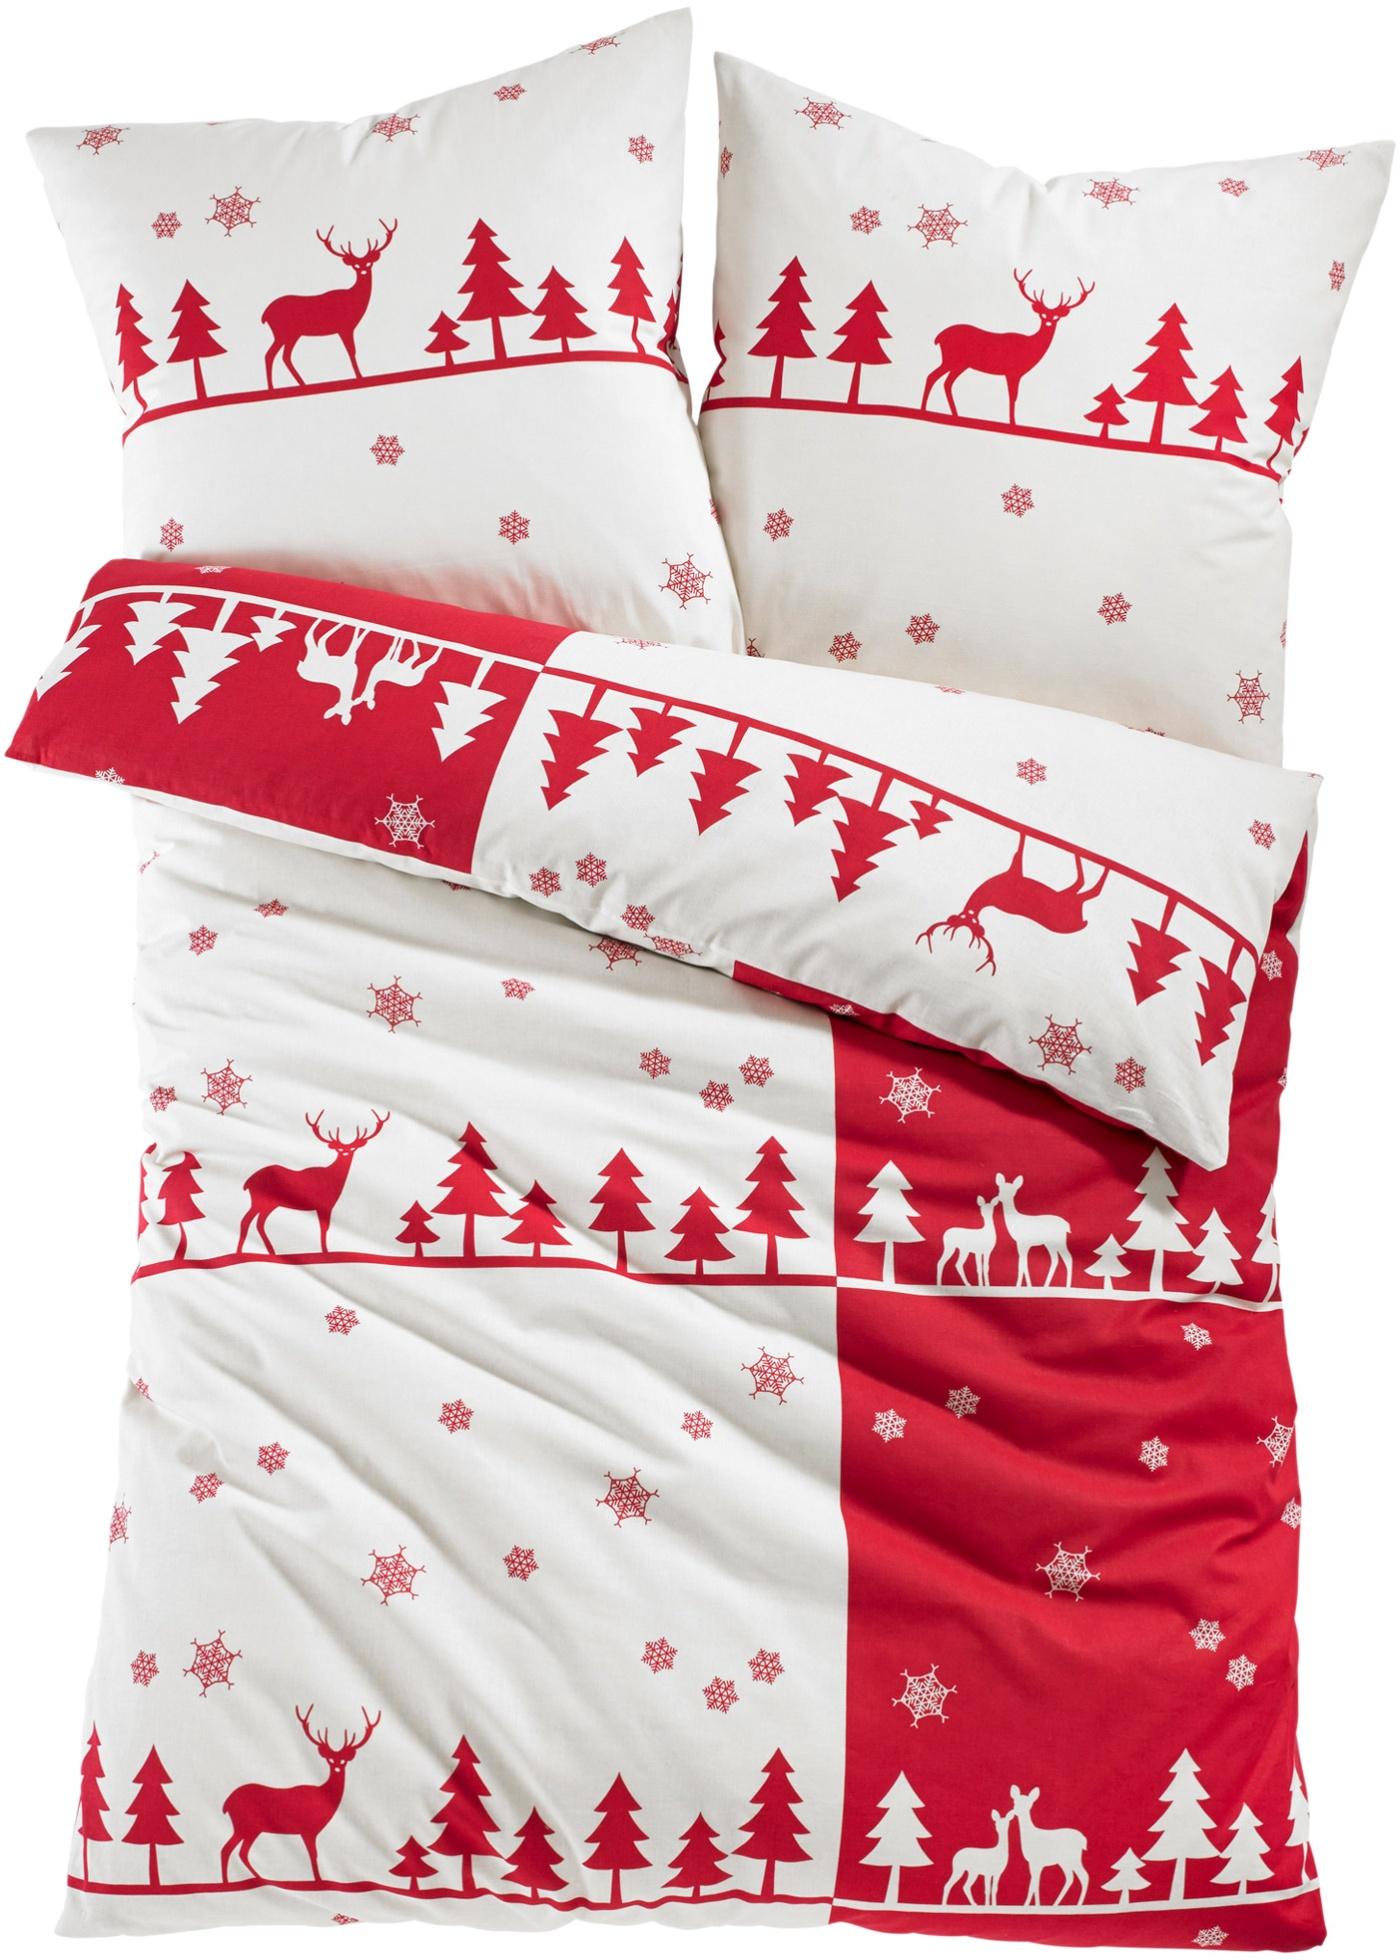 Cette douce parure de lit imprimée à motifs élans et sapins crée une belle ambiance de Noël. Plusieurs coloris et différentes qualités au choix. Disponible en parure 2 ou 4 pces et en taille supérieure XXL.